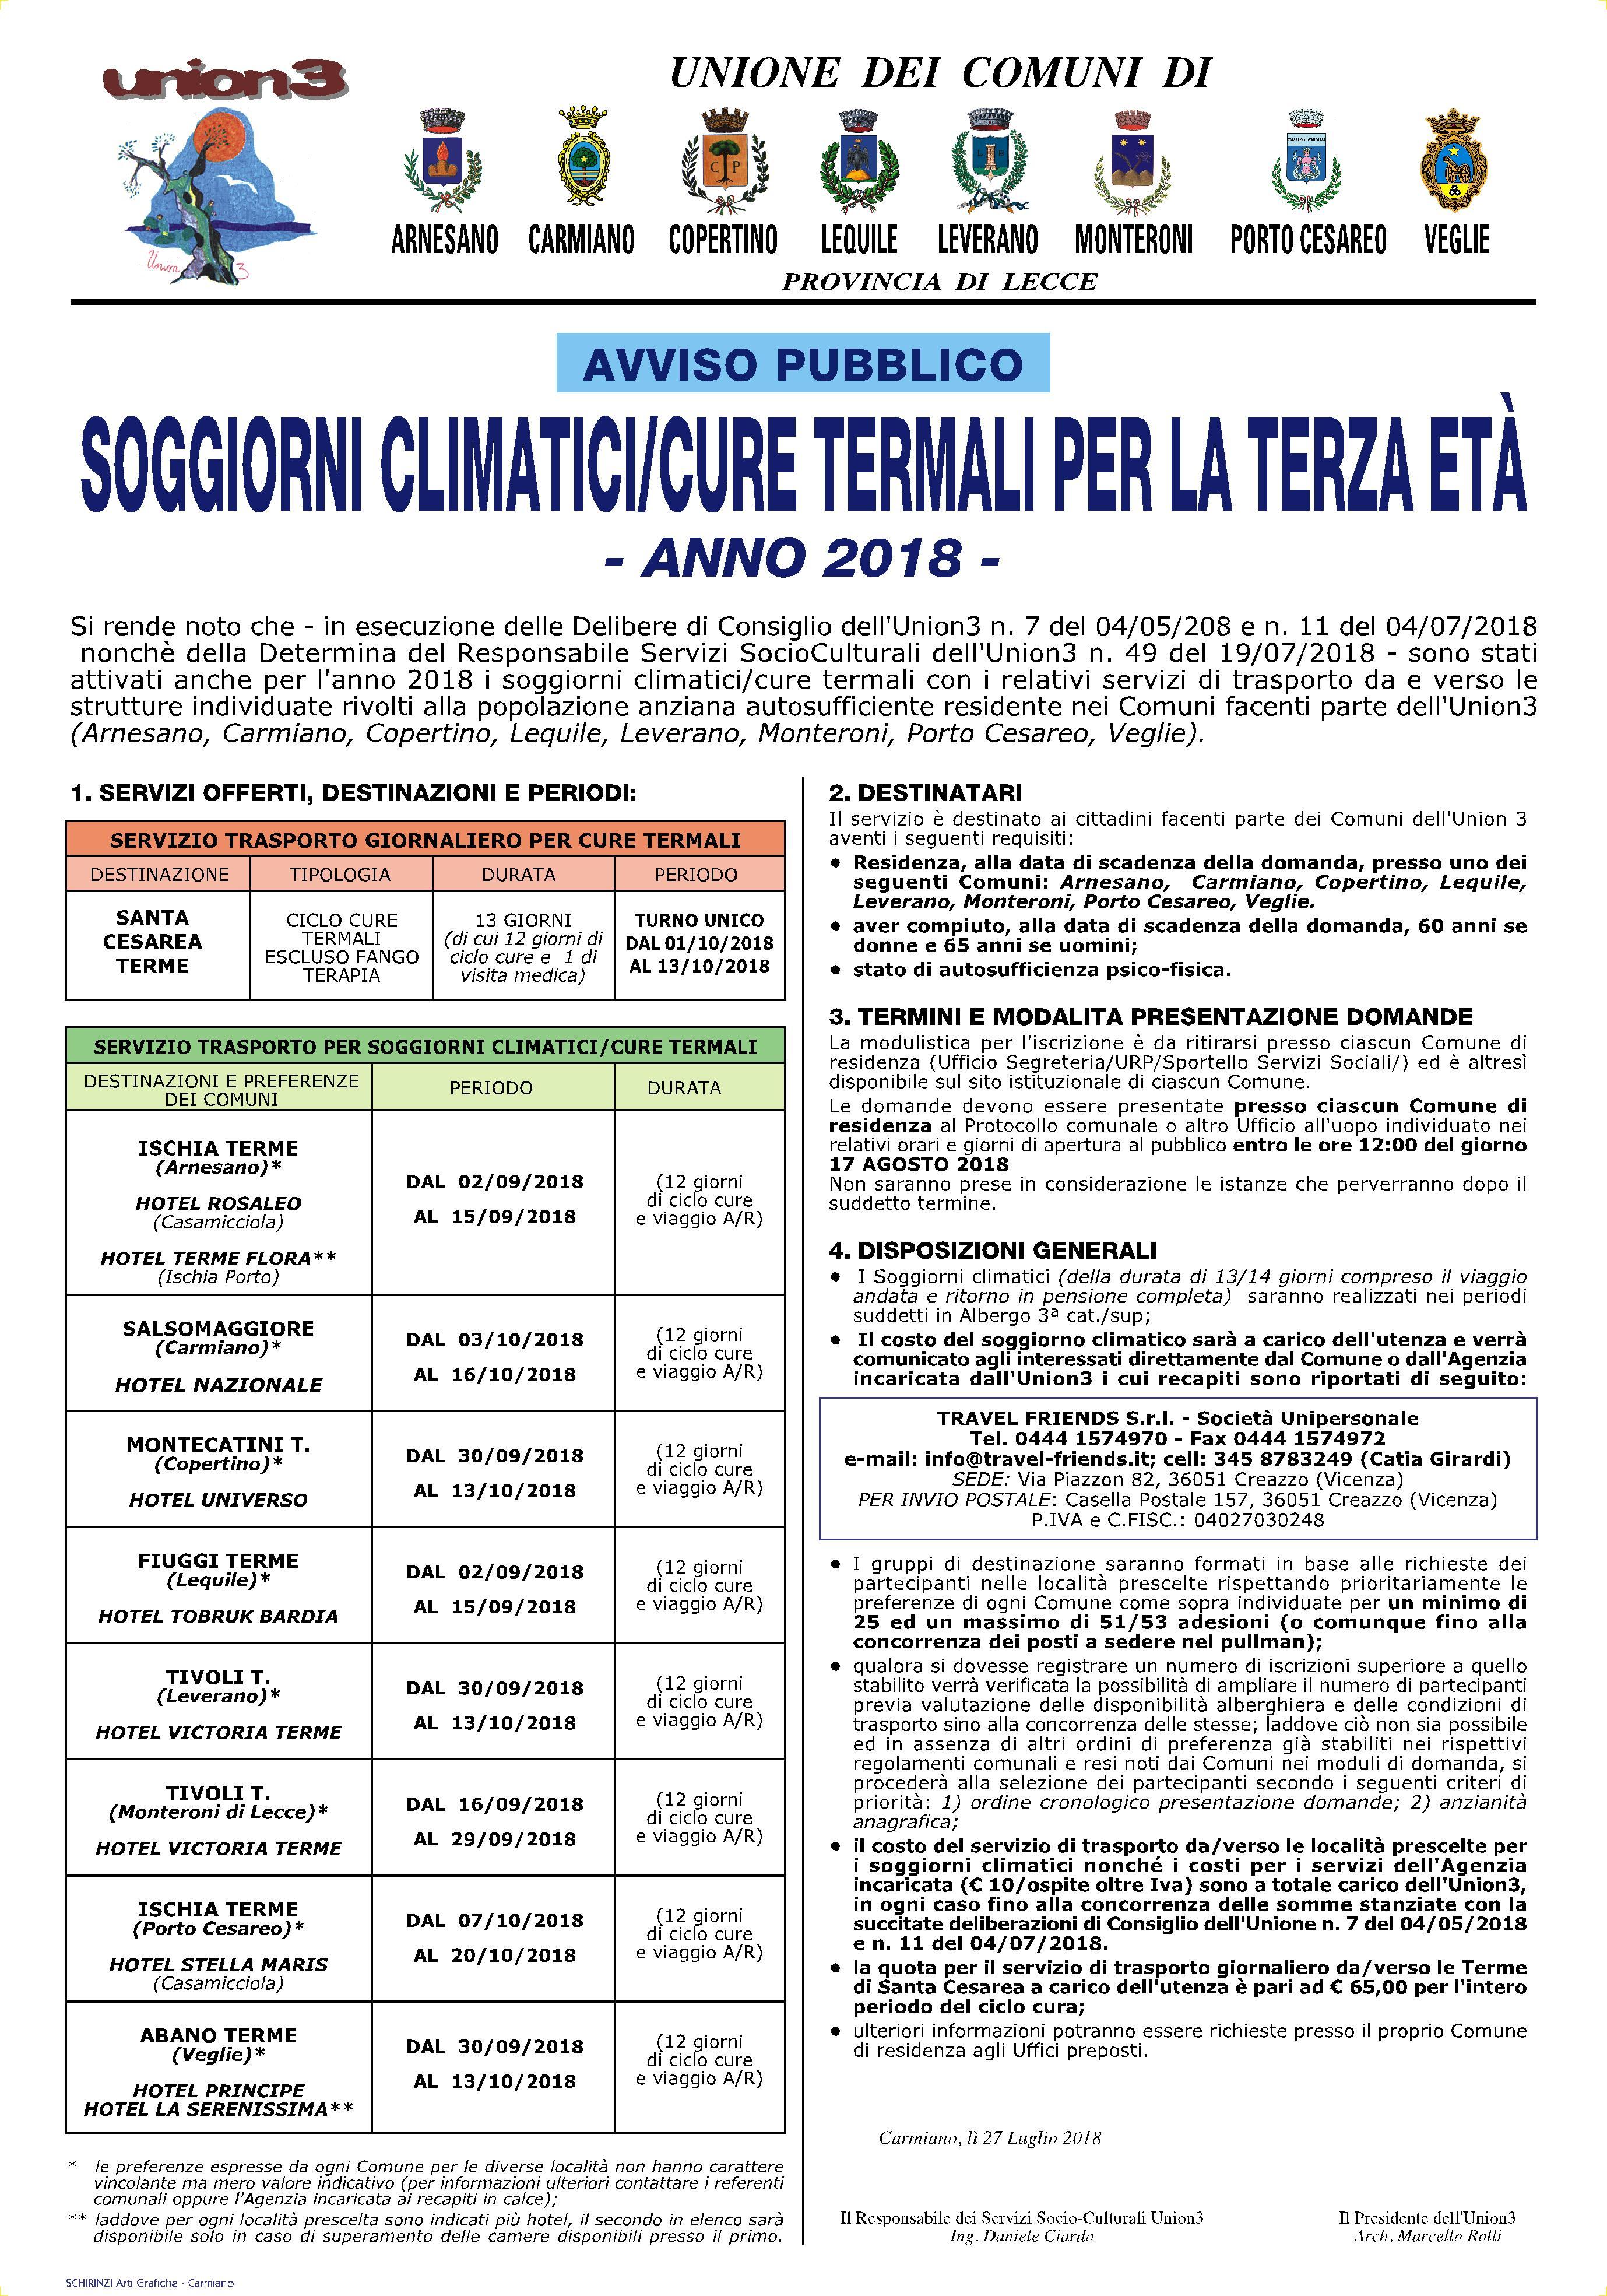 Comune di Leverano - Soggiorni climatici/cure termali per la terza età